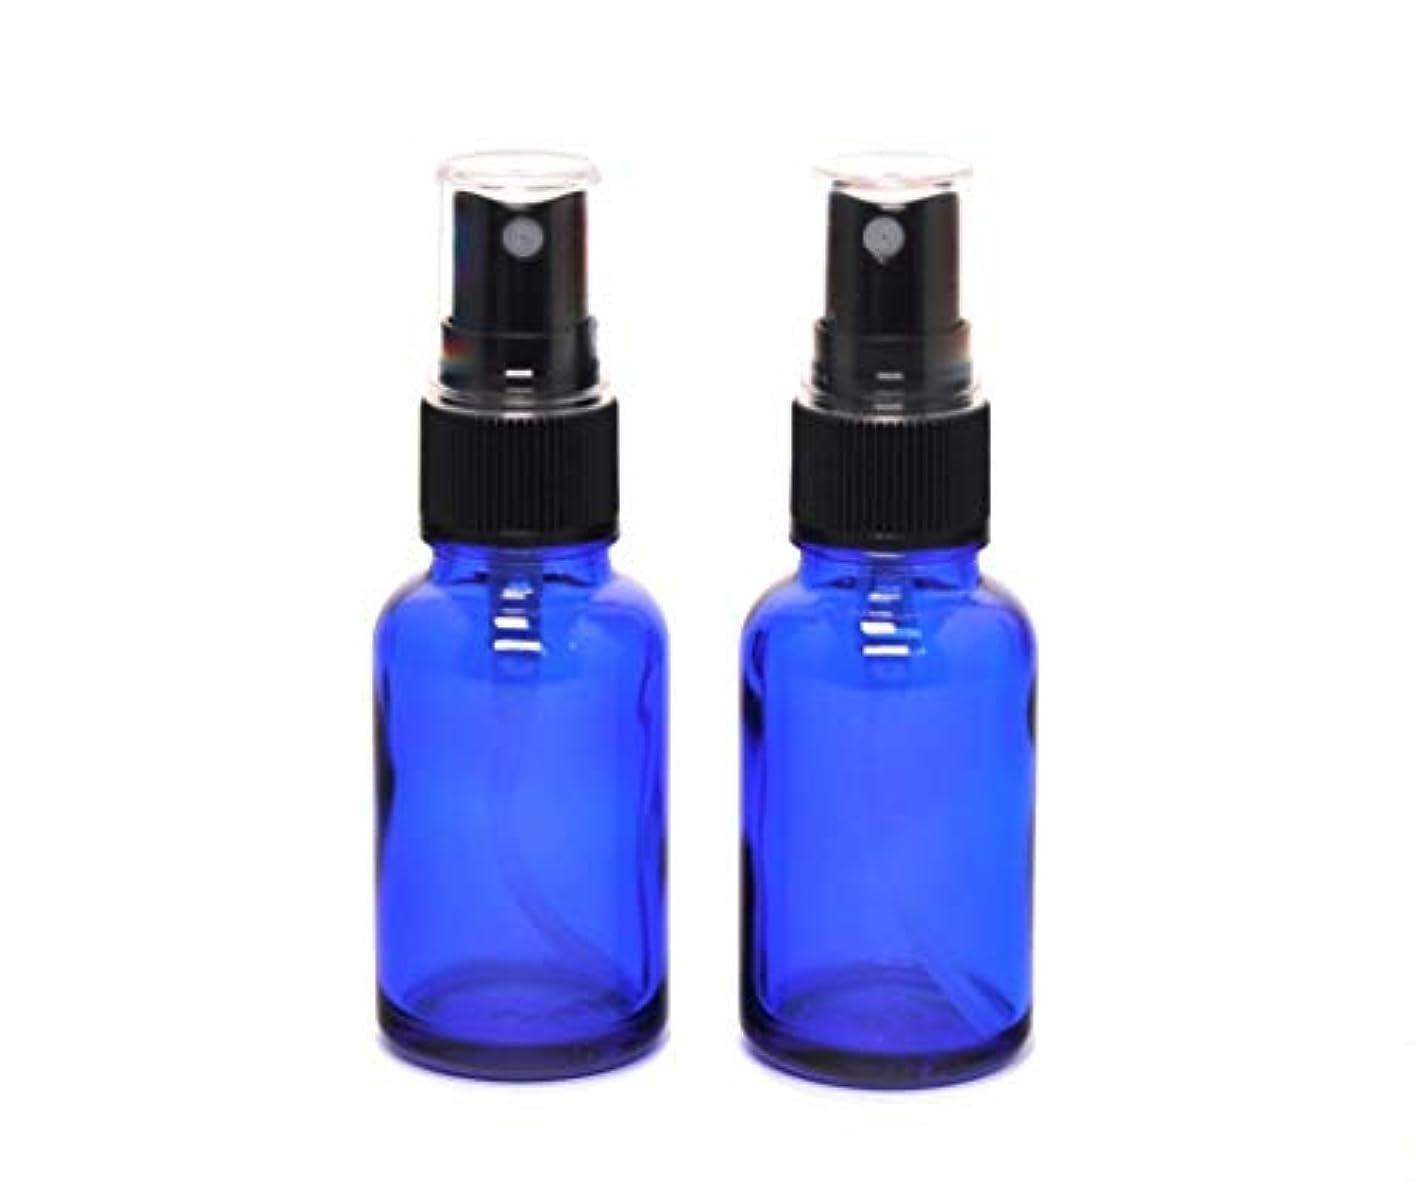 マニアック補償技術的な遮光瓶 蓄圧式ミストのスプレーボトル 30ml コバルトブルー / ( 硝子製?アトマイザー )ブラックヘッド × 2本セット / アロマスプレー用